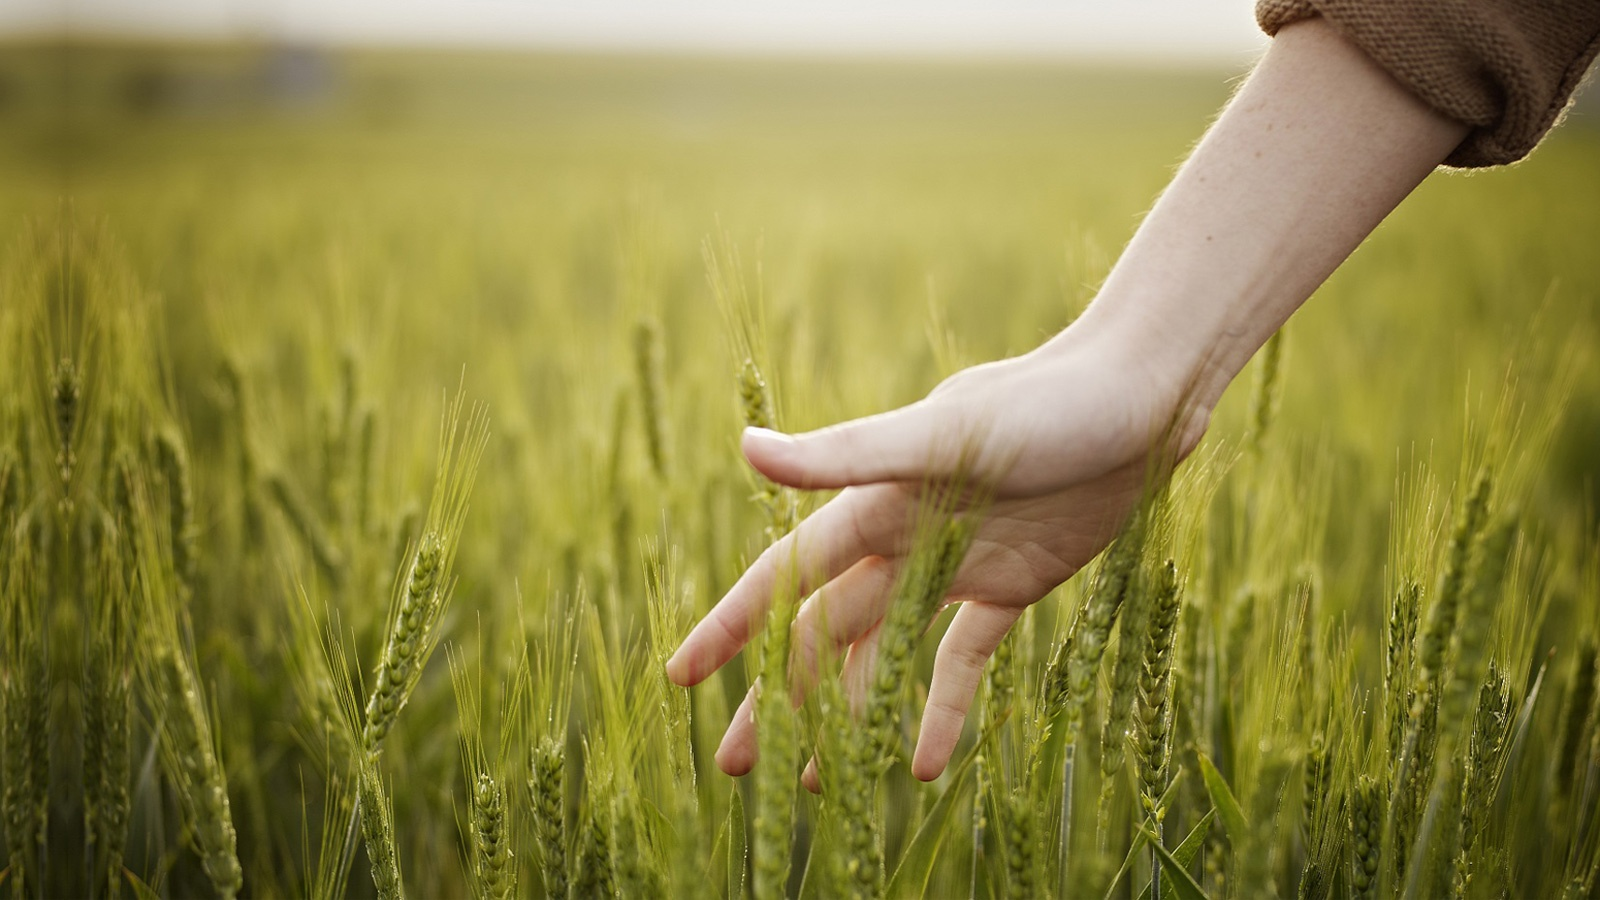 agricoltura-sostenibile-banner.jpg